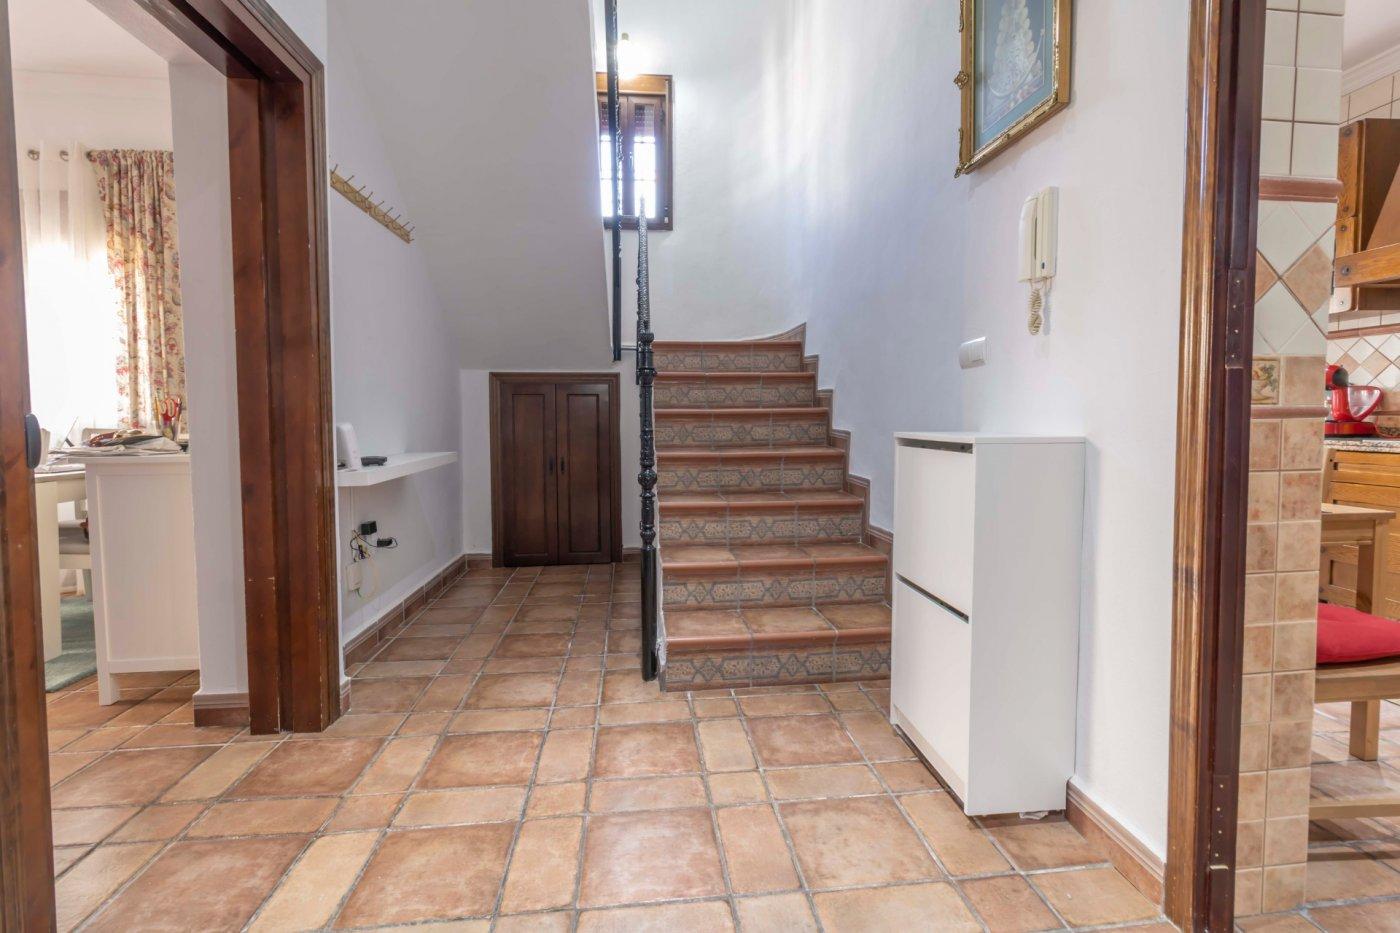 Casa a la venta en burguillos - imagenInmueble20